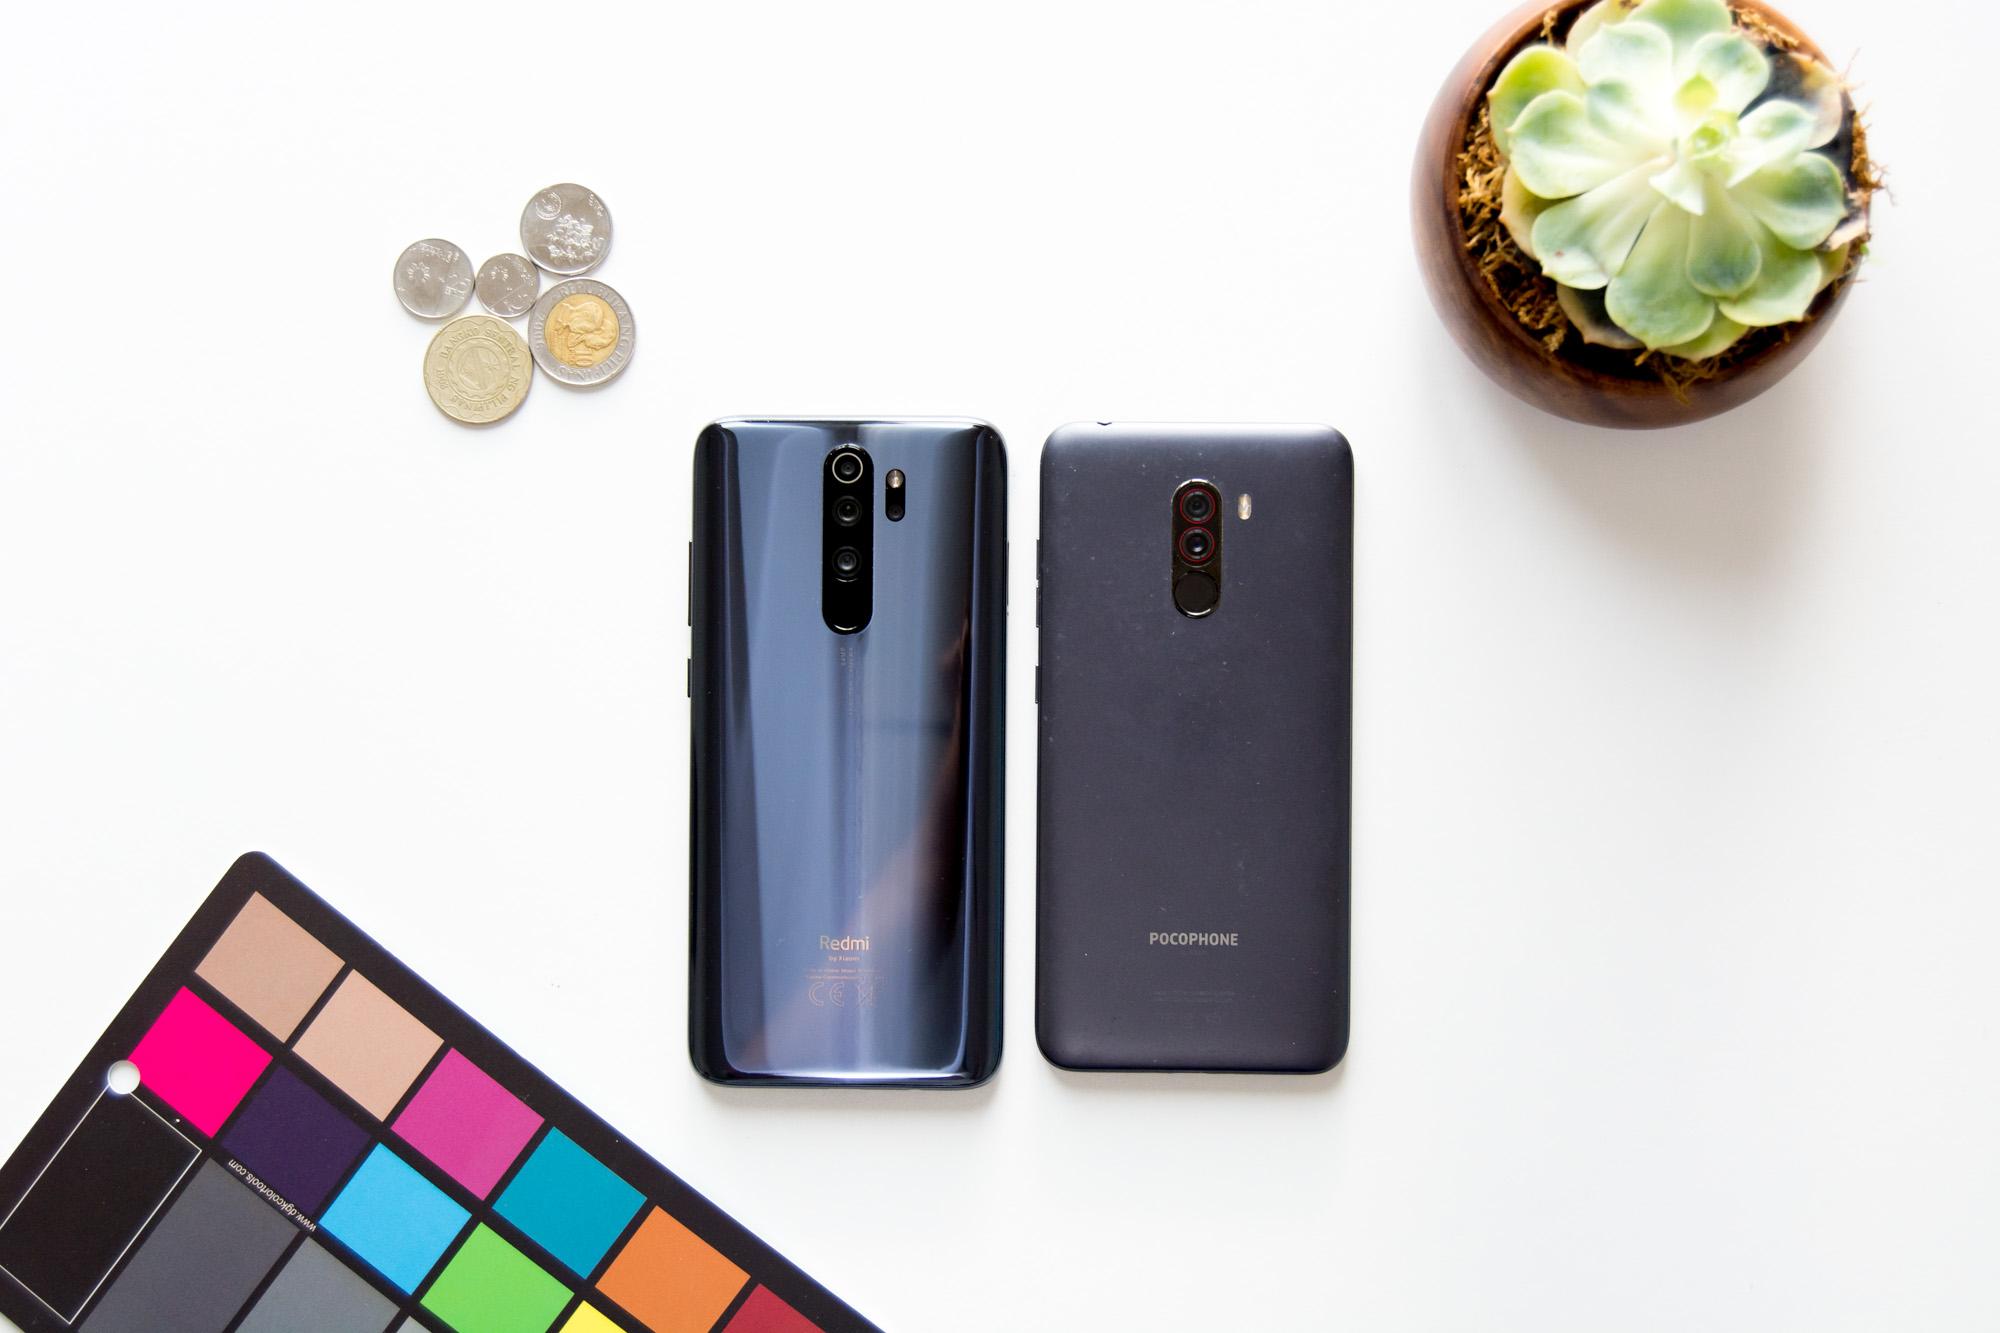 Redmi Note 8 Pro vs Pocophone F1 (back)